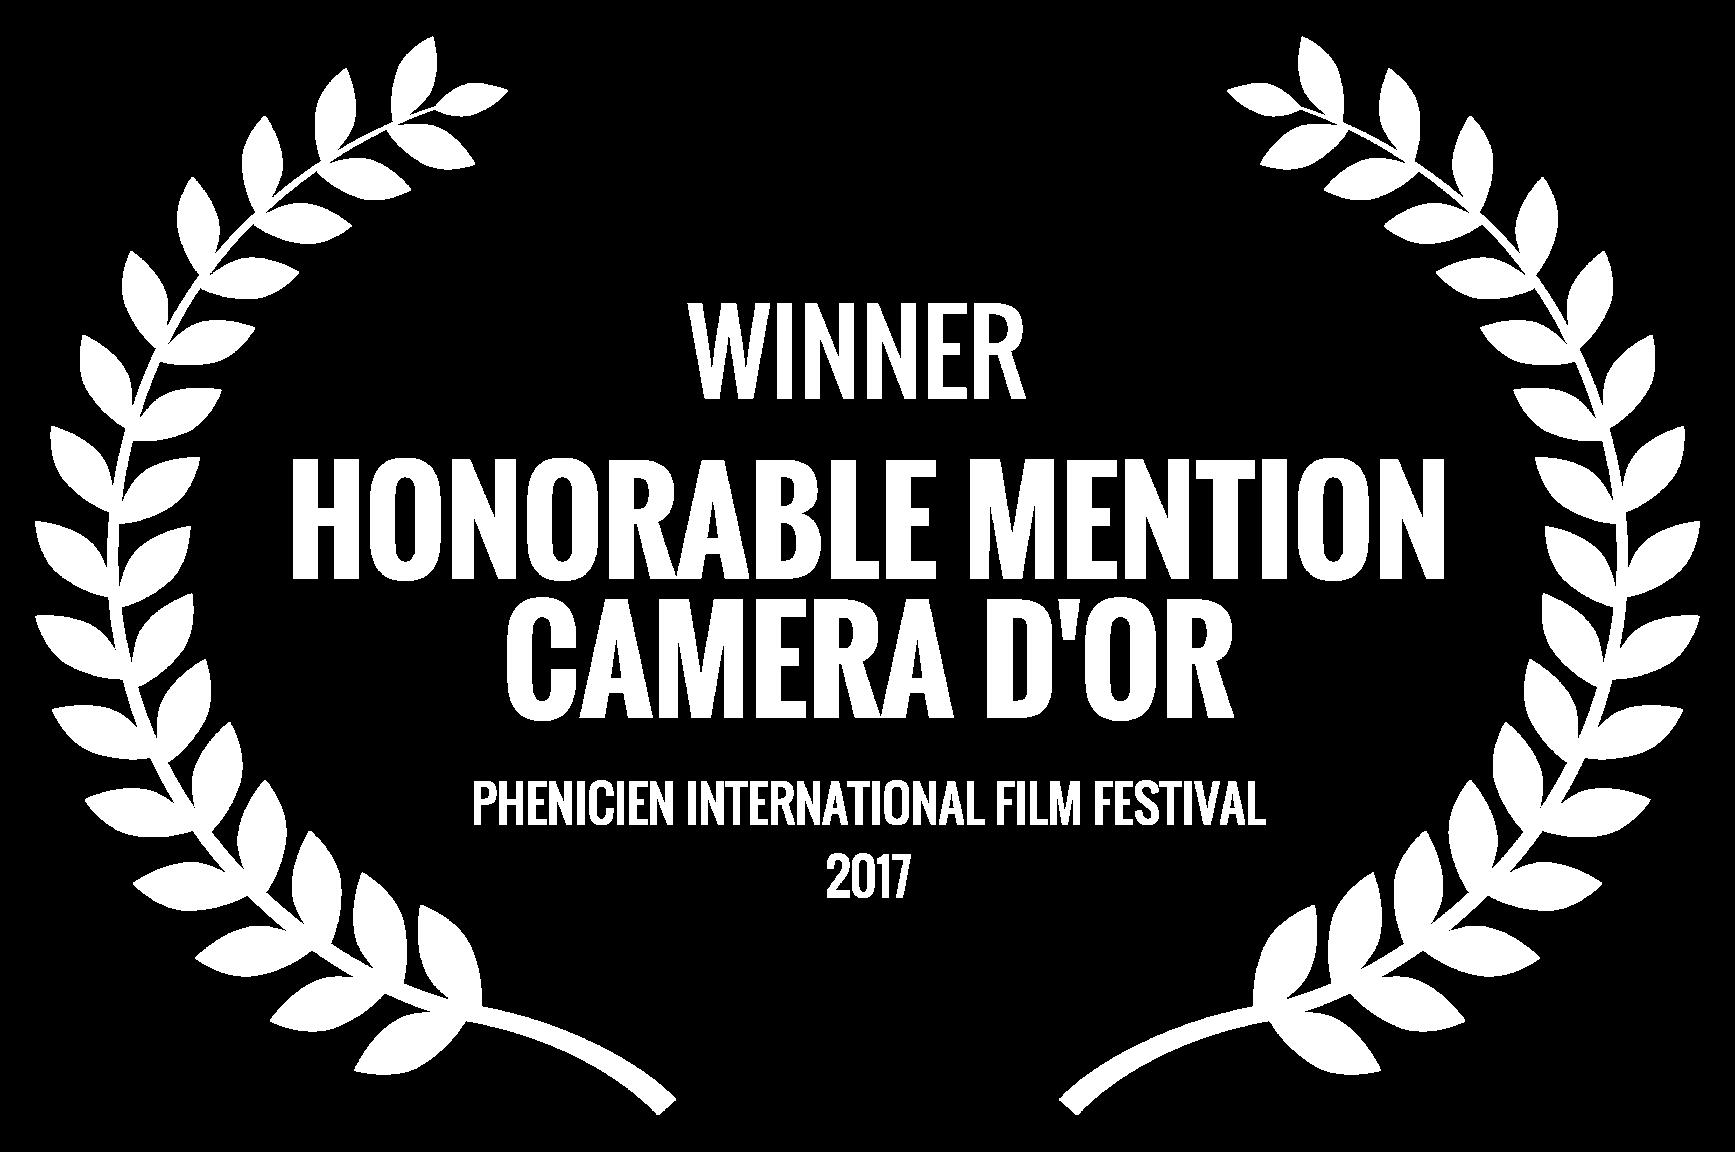 WINNER  - HONORABLE MENTION CAMERA DOR - PHENICIEN INTERNATIONAL FILM FESTIVAL 2017 (1).png